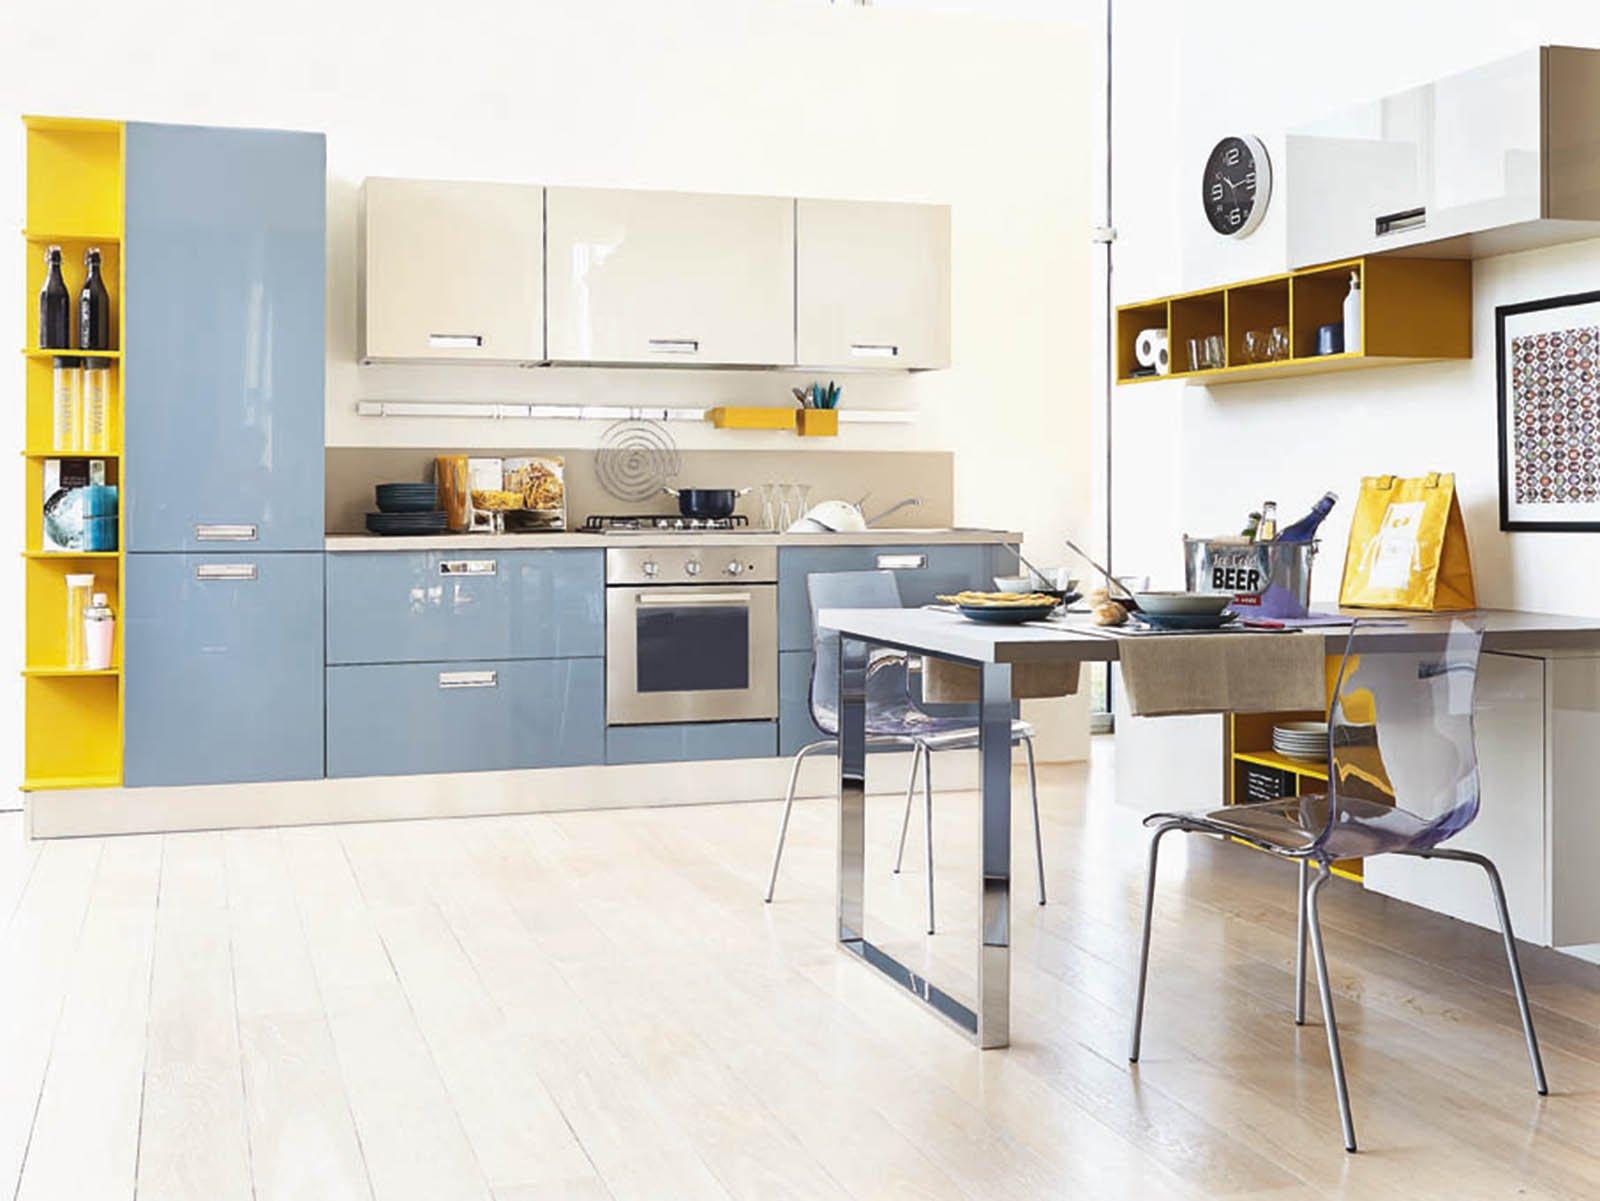 Moduli cucine free ata cucine with moduli cucine great moduli with moduli cucine free disegno - Ante per cucine componibili ...